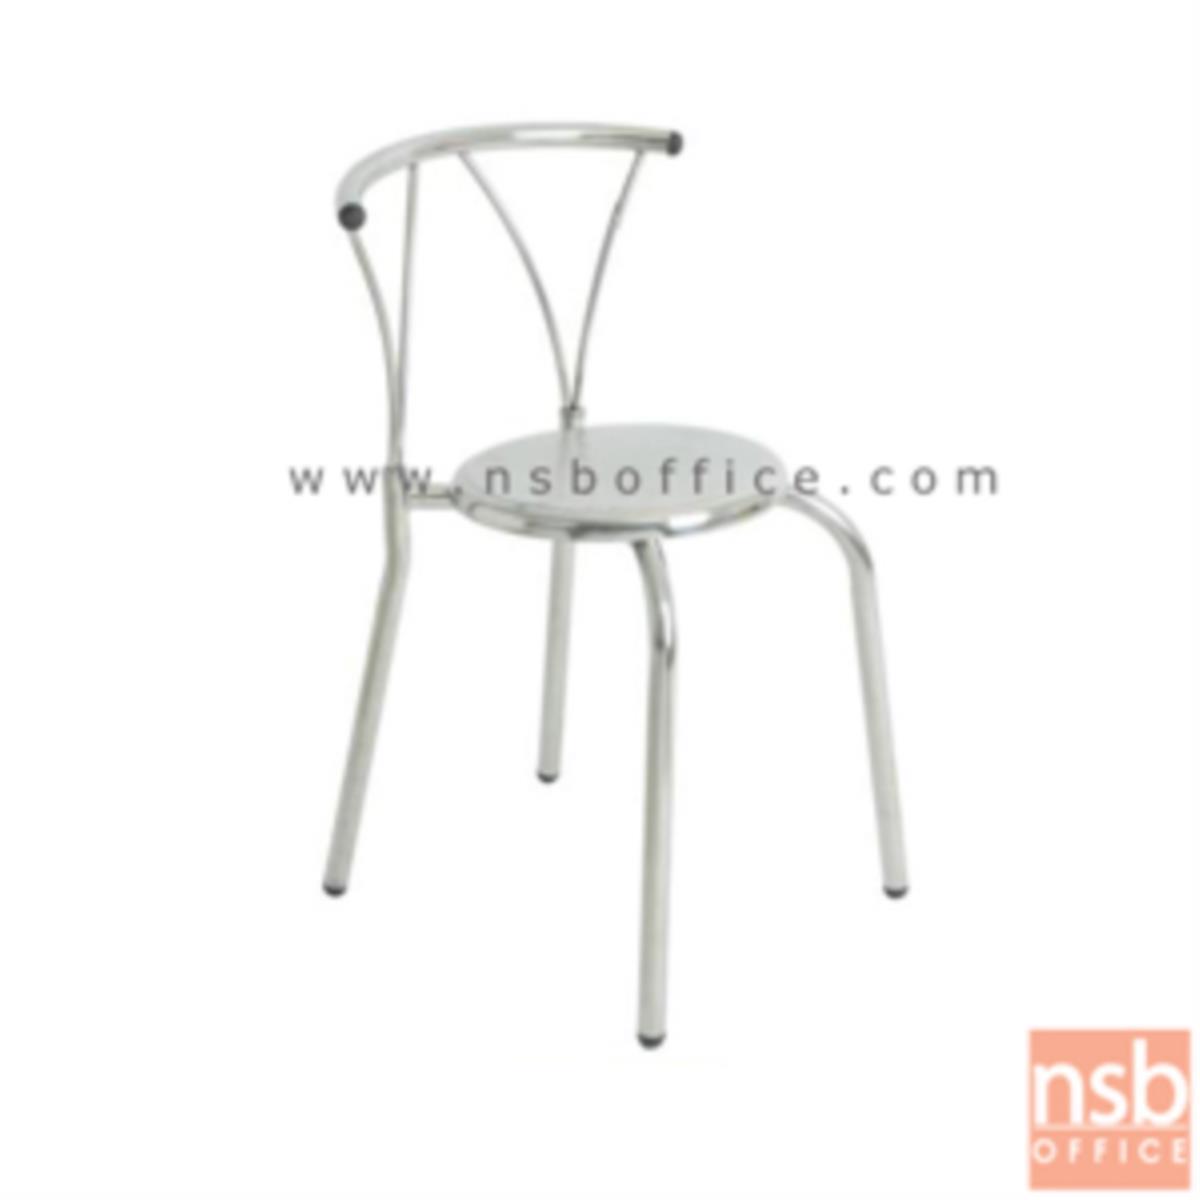 G12A088:เก้าอี้อเนกประสงค์สแตนเลส รุ่น Apphia (แอฟเฟีย)  ขาสเตนเลส